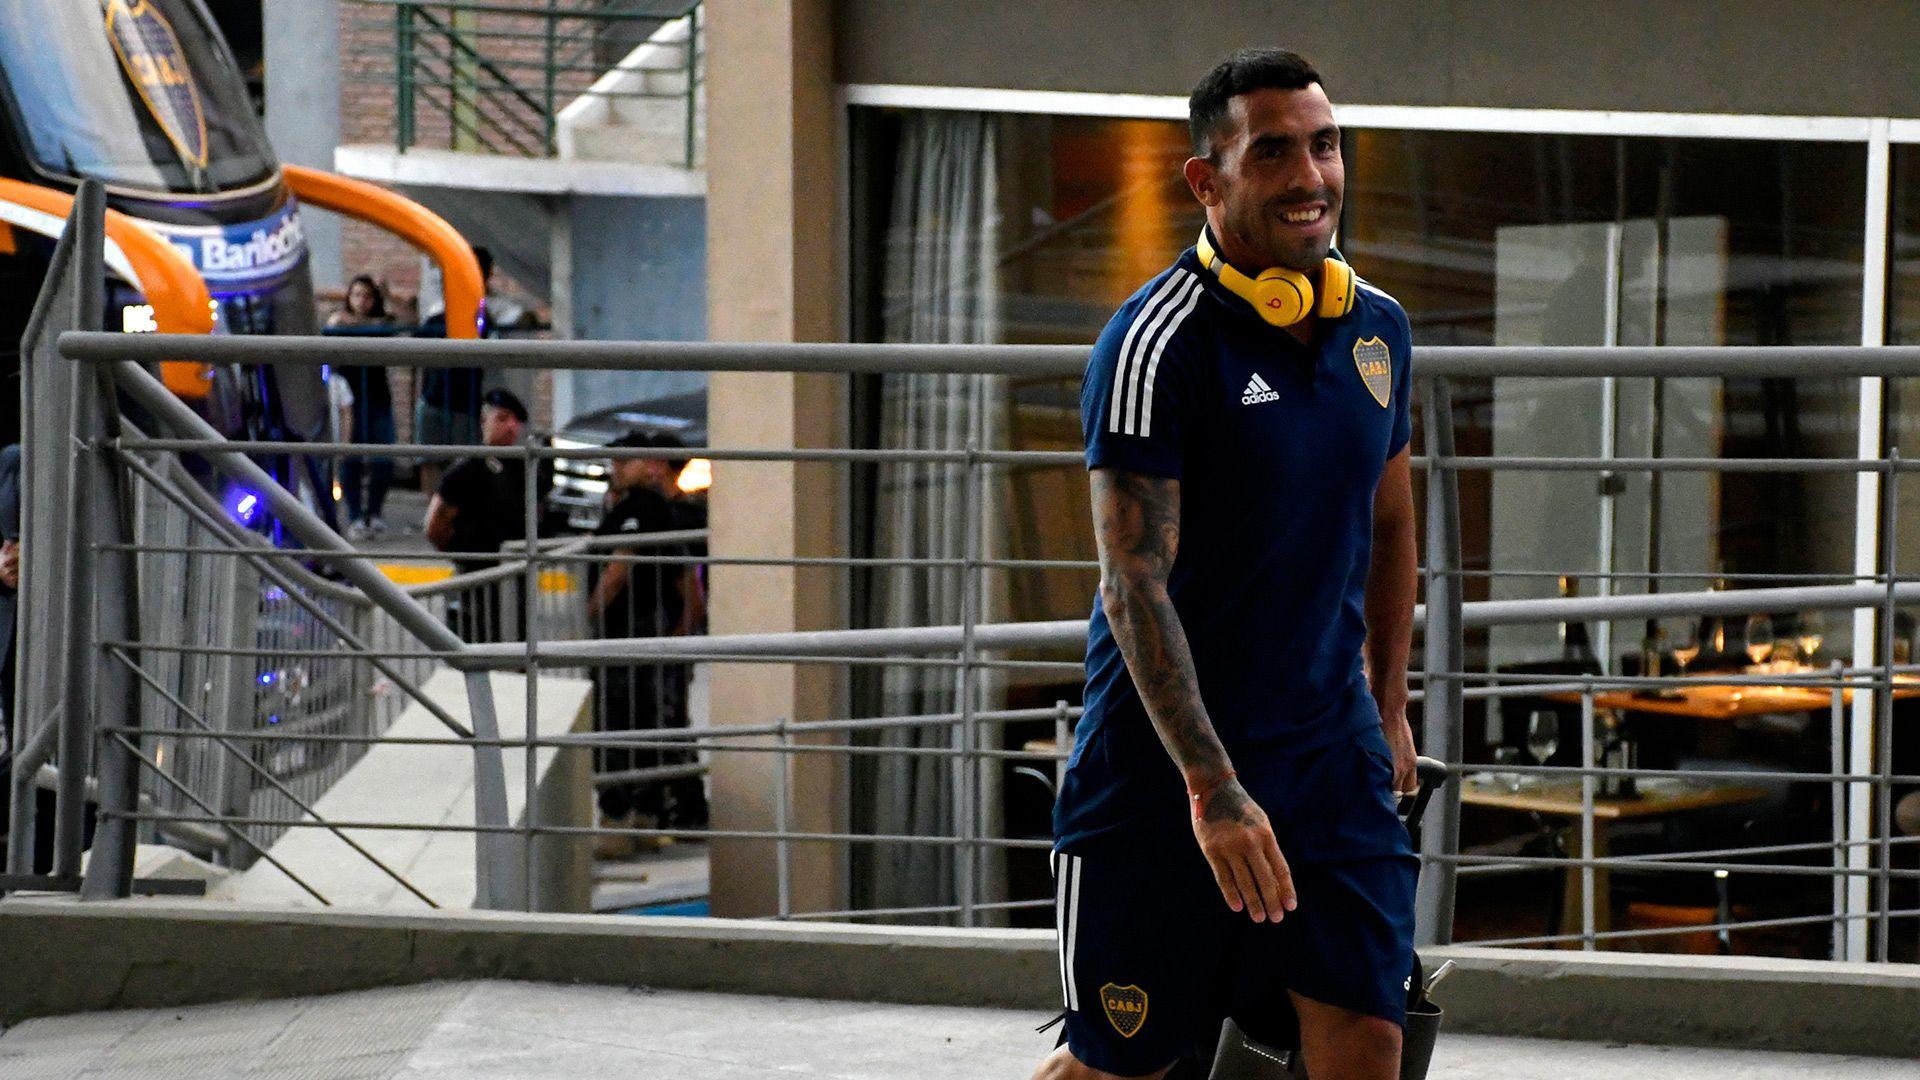 Tevez acercó su mano al picaporte de la puerta de salida de Boca: habló de un posible futuro en Corinthians o West Ham (Foto Baires)